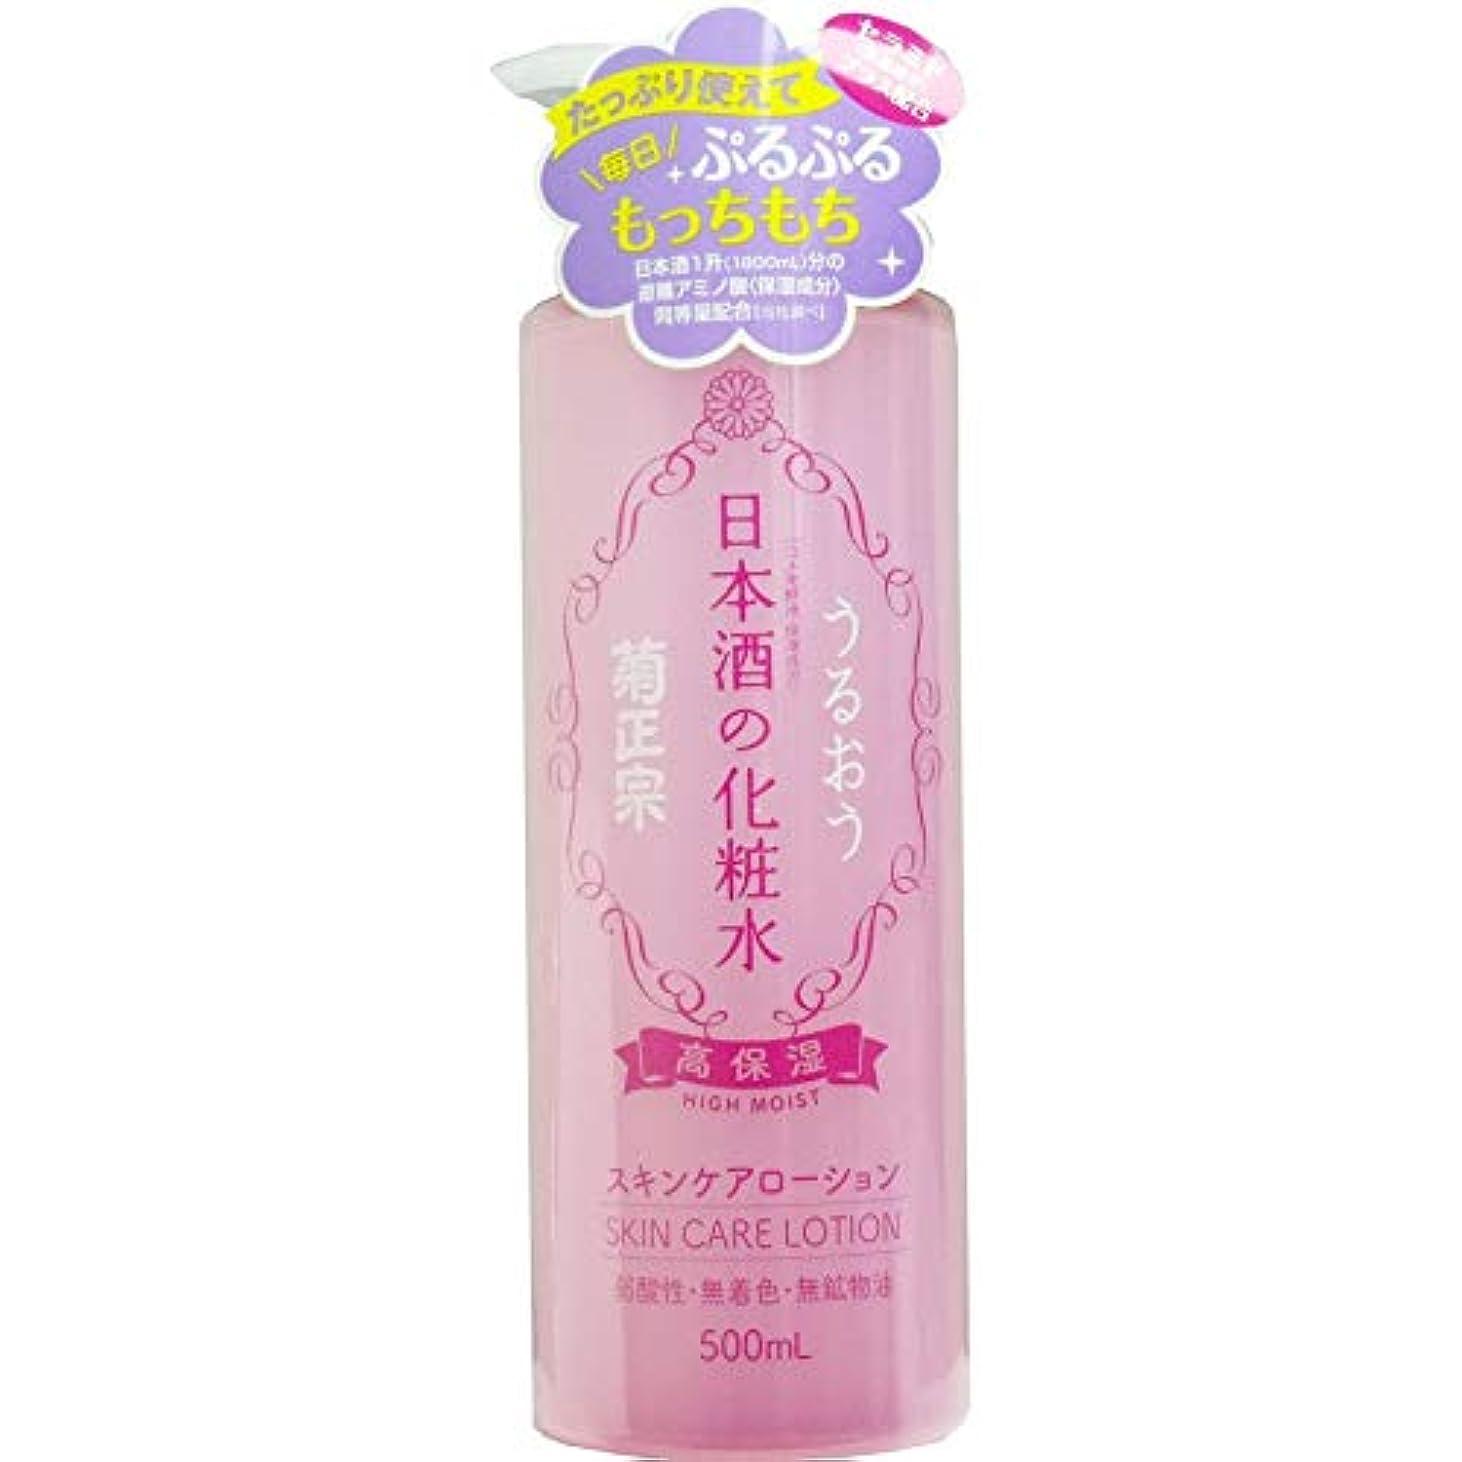 あなたのものマイクロフォン命令的日本酒の化粧水 菊政宗 化粧水 500ml×2本セット